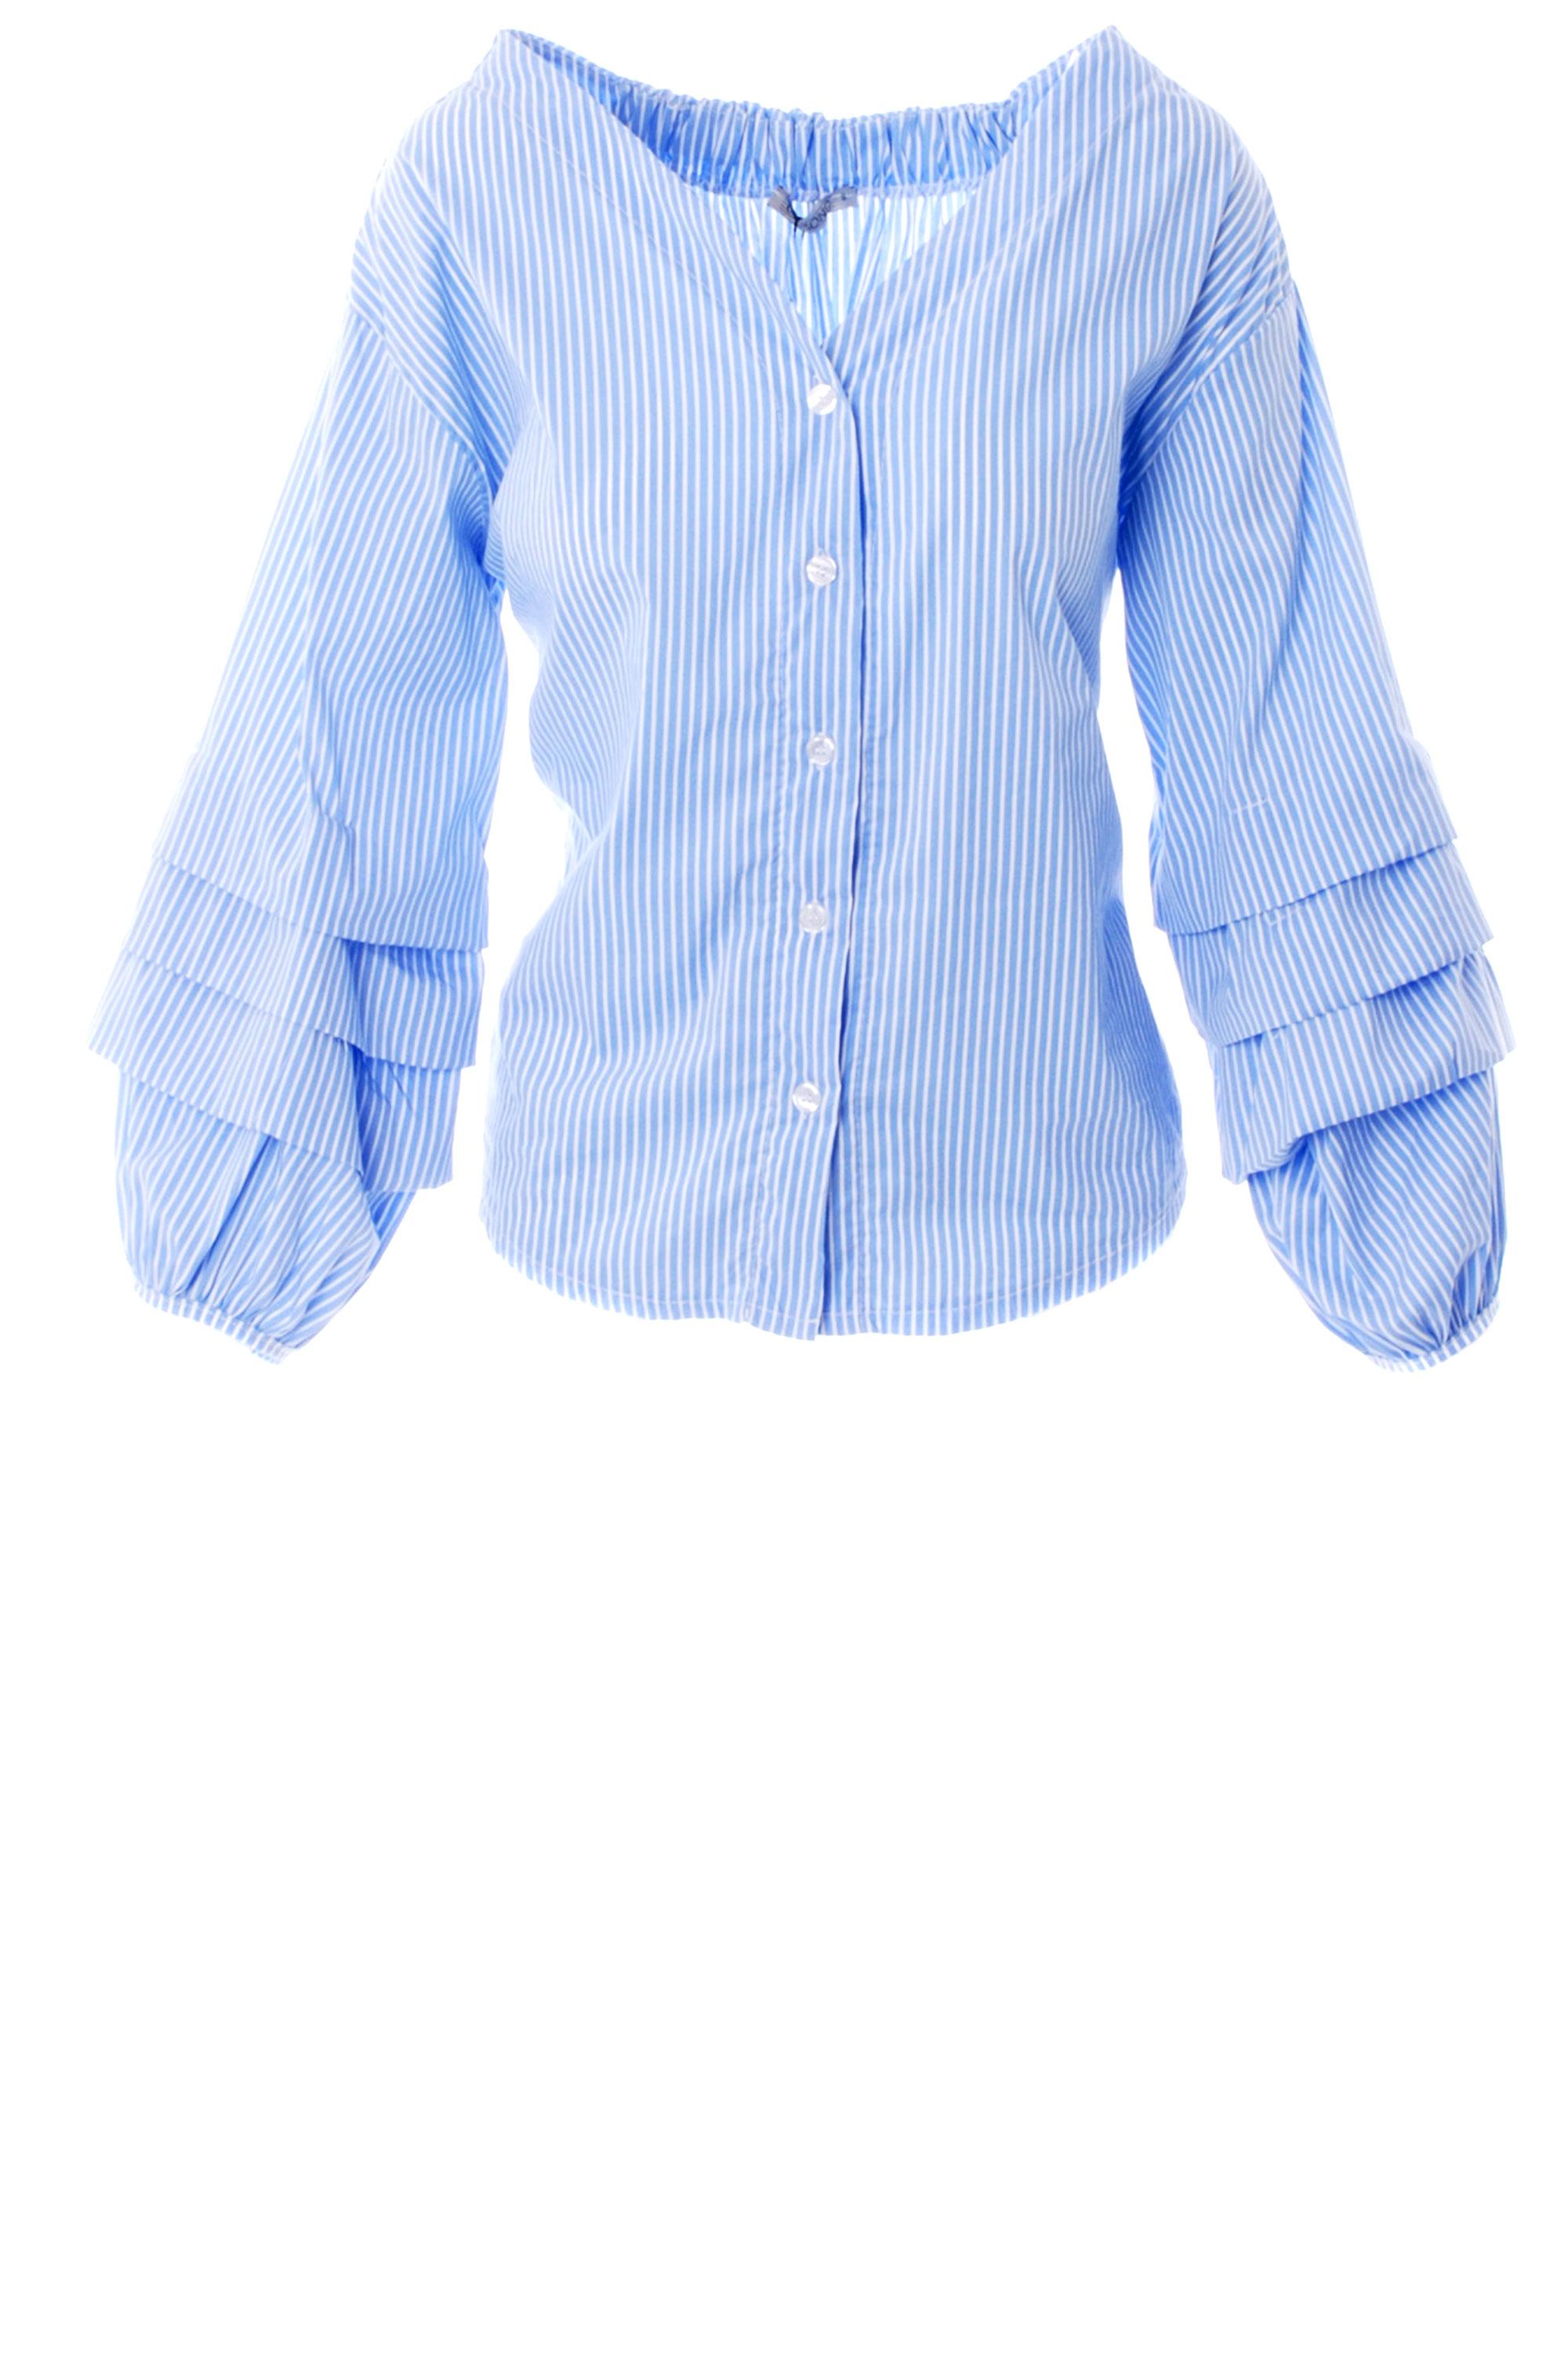 Koszula - 90-6989 BI-CE - Unisono